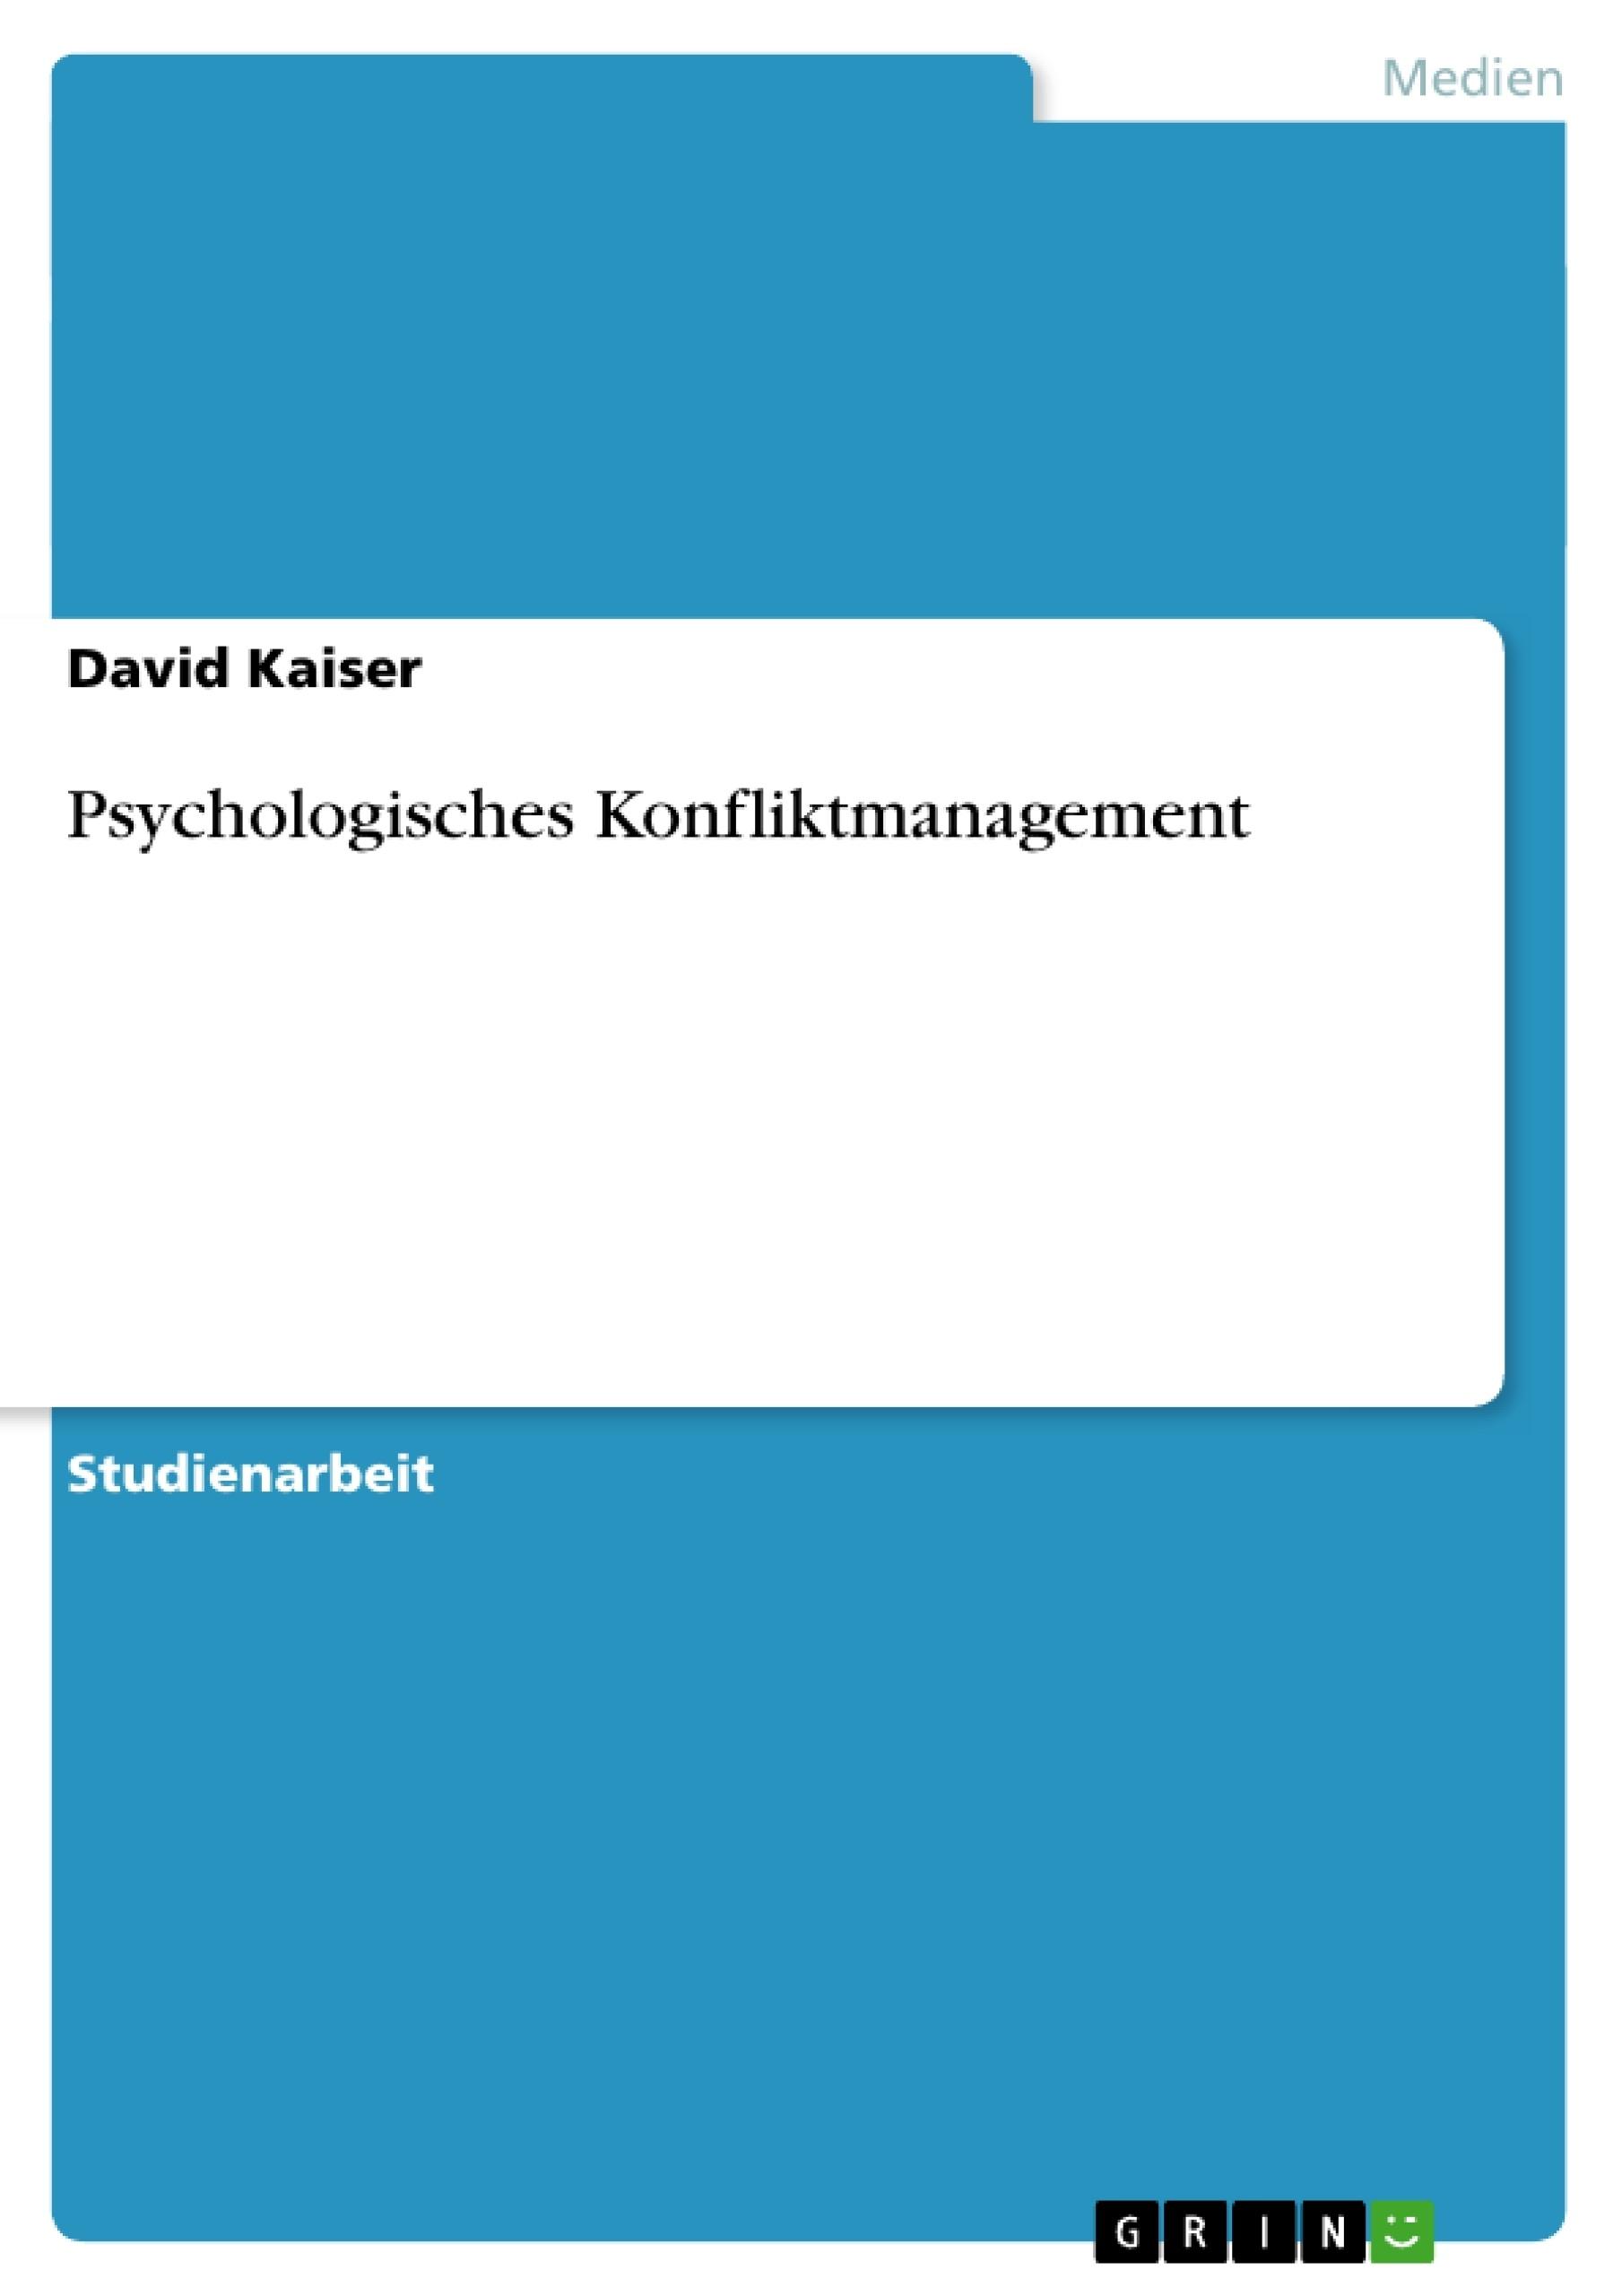 Titel: Psychologisches Konfliktmanagement